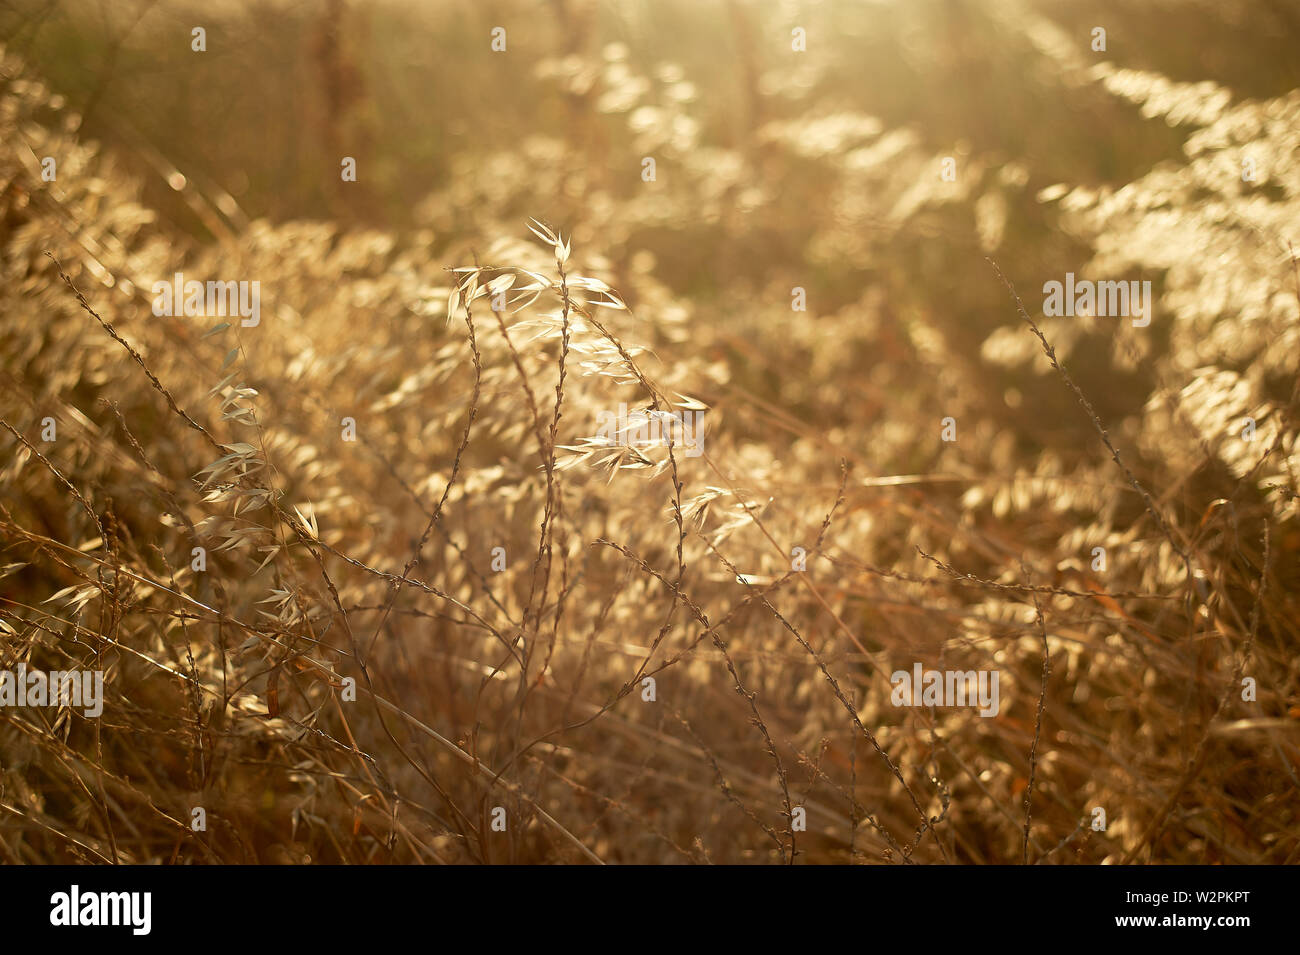 Die Textur der Gras, Kräutern. Eng. Bauernhof und Botanik. Stockfoto